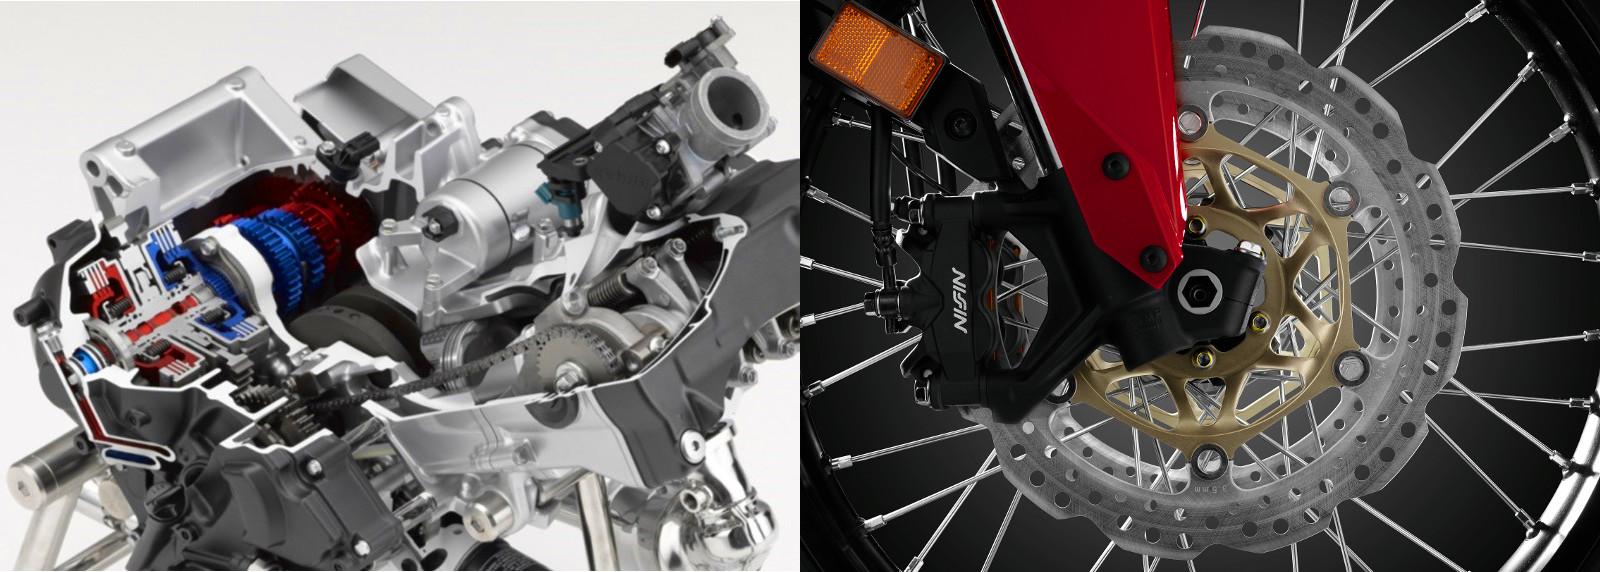 Egy házban helyezkedik el a soros kéthengeres blokk és a duplakuplungos sebességváltó. A 310 mm-es első féktárcsákkal hatásosan lassít az Africa Twin. Az ABS kikapcsolható